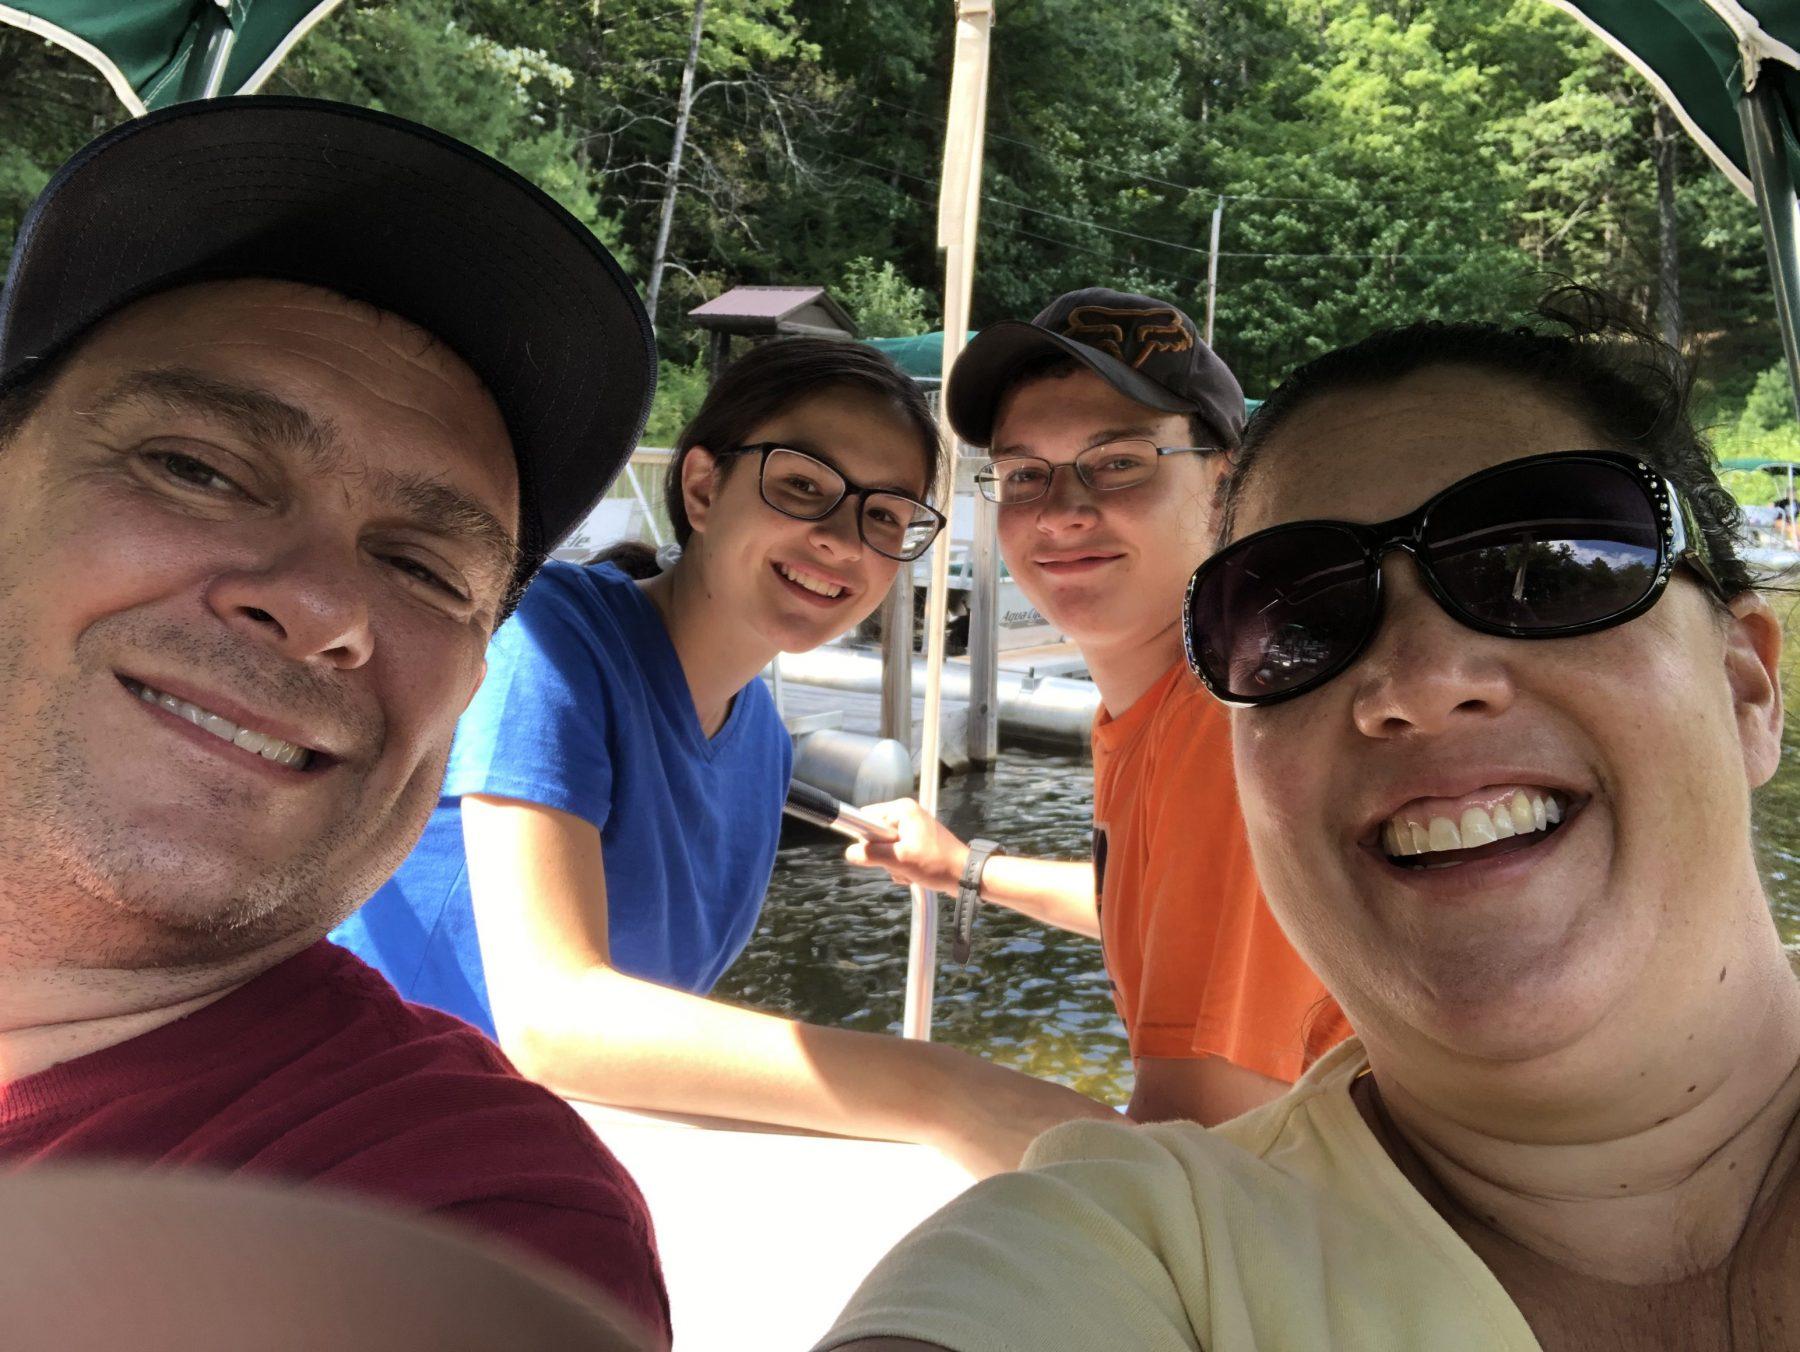 family posing for selfie